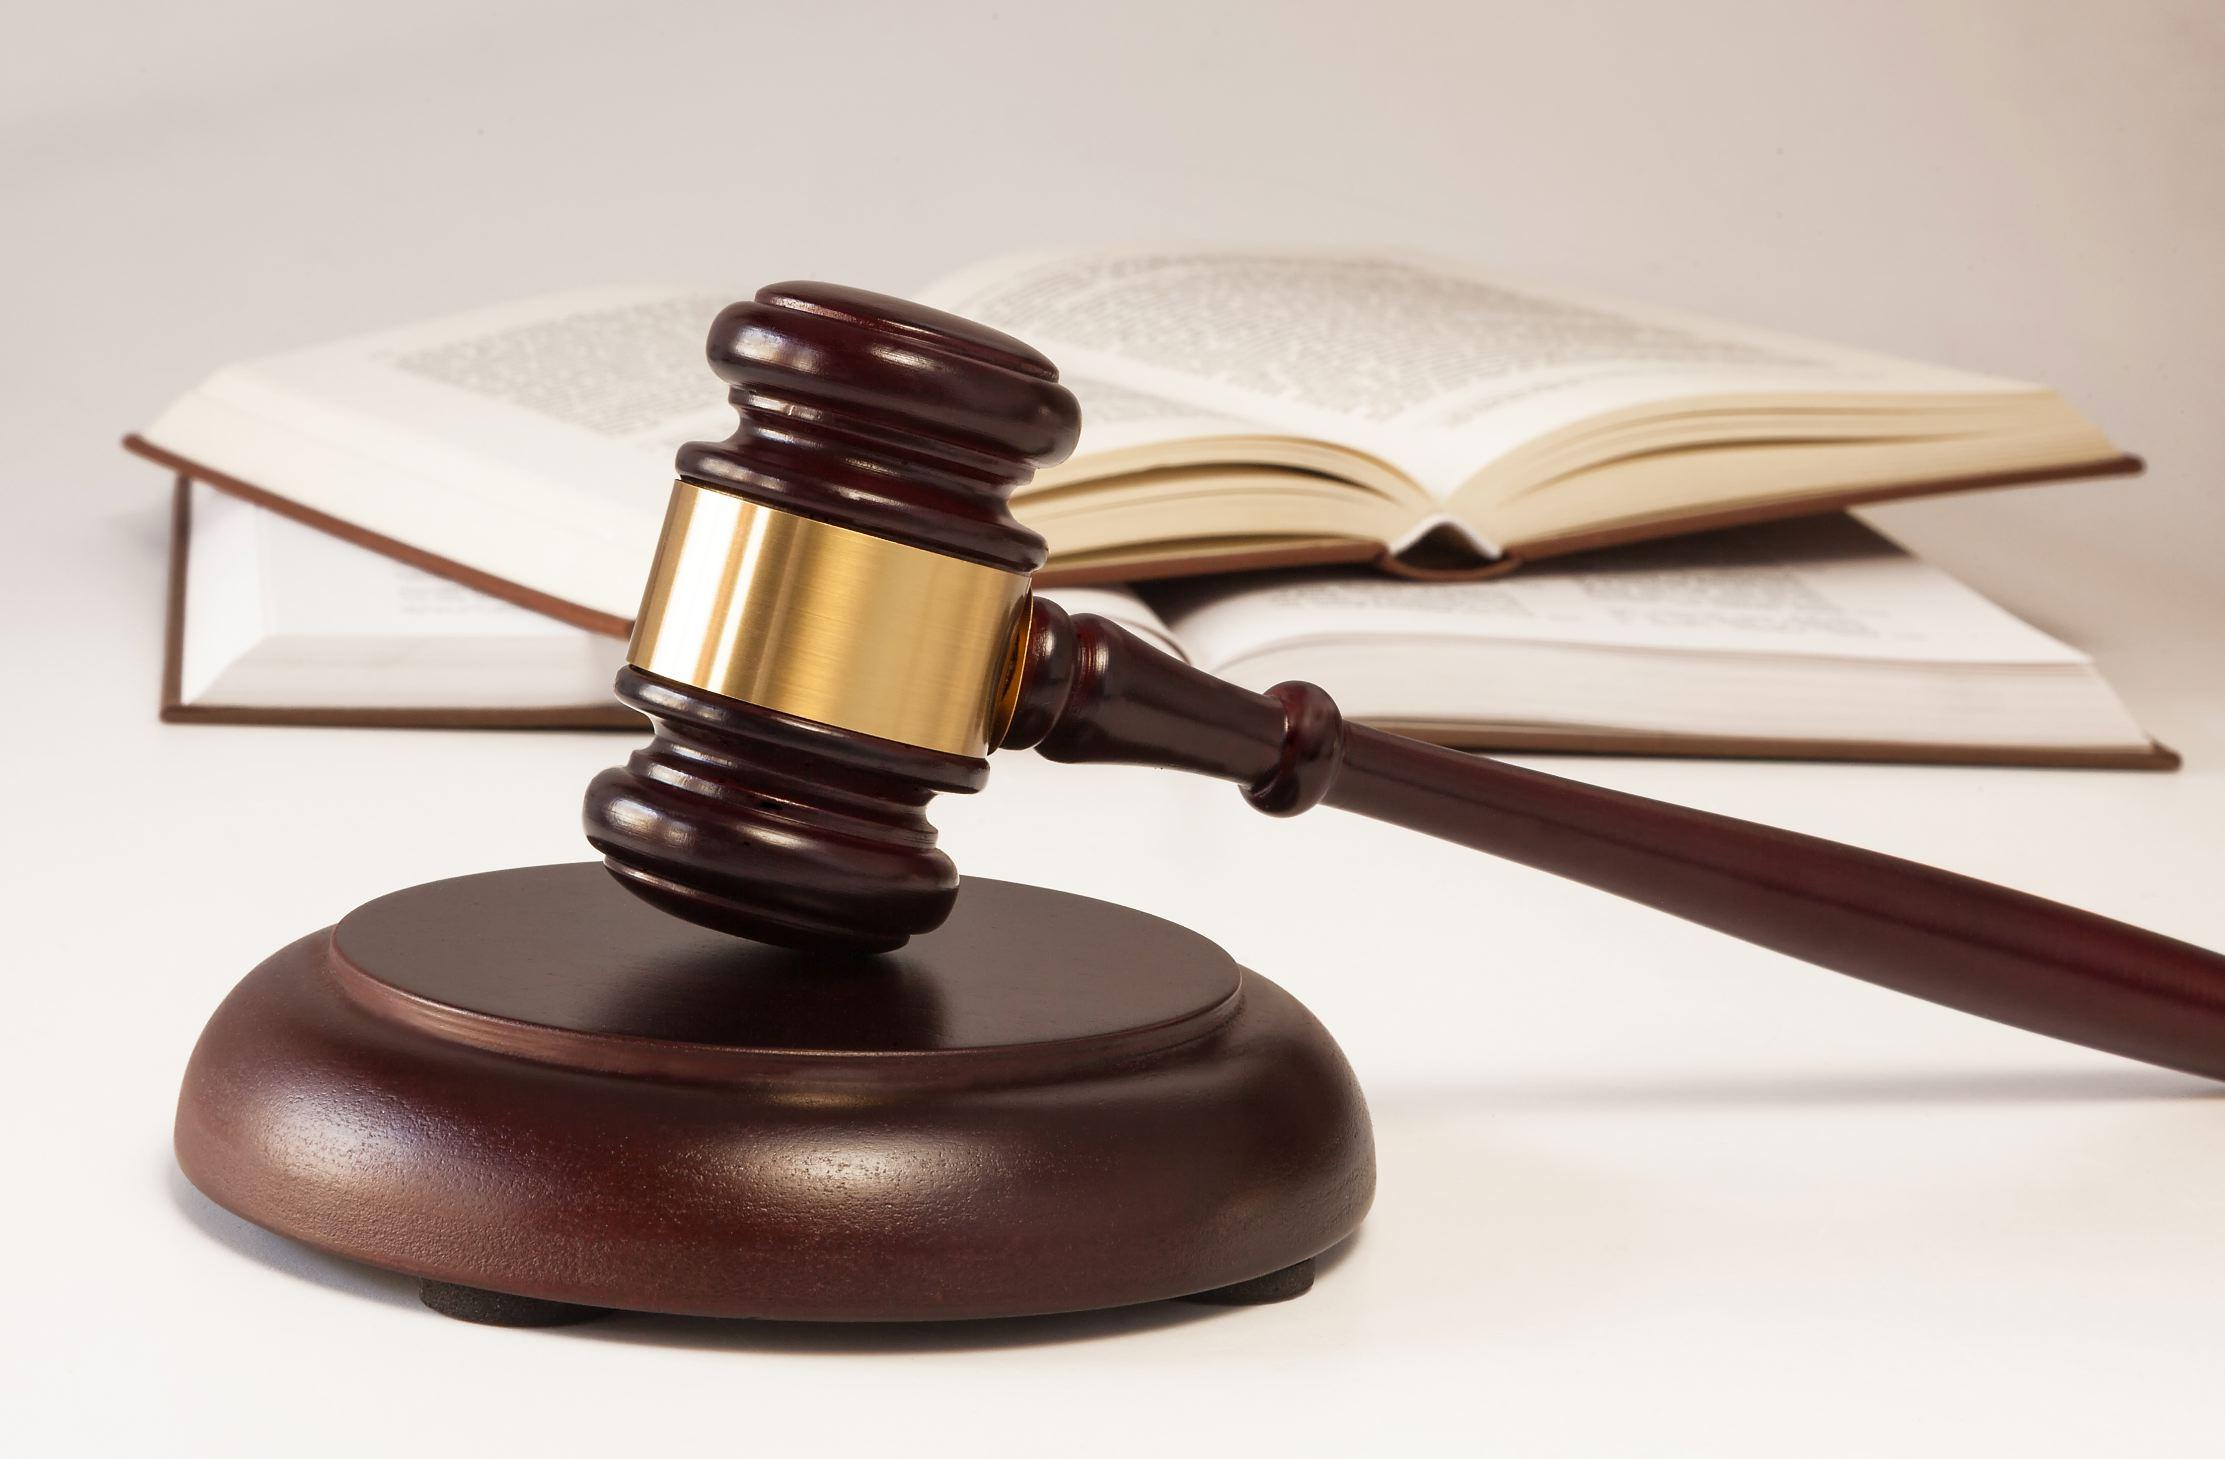 мало кто предпосылки возникновения права на обращение в арбитражный суд качестве нижнего